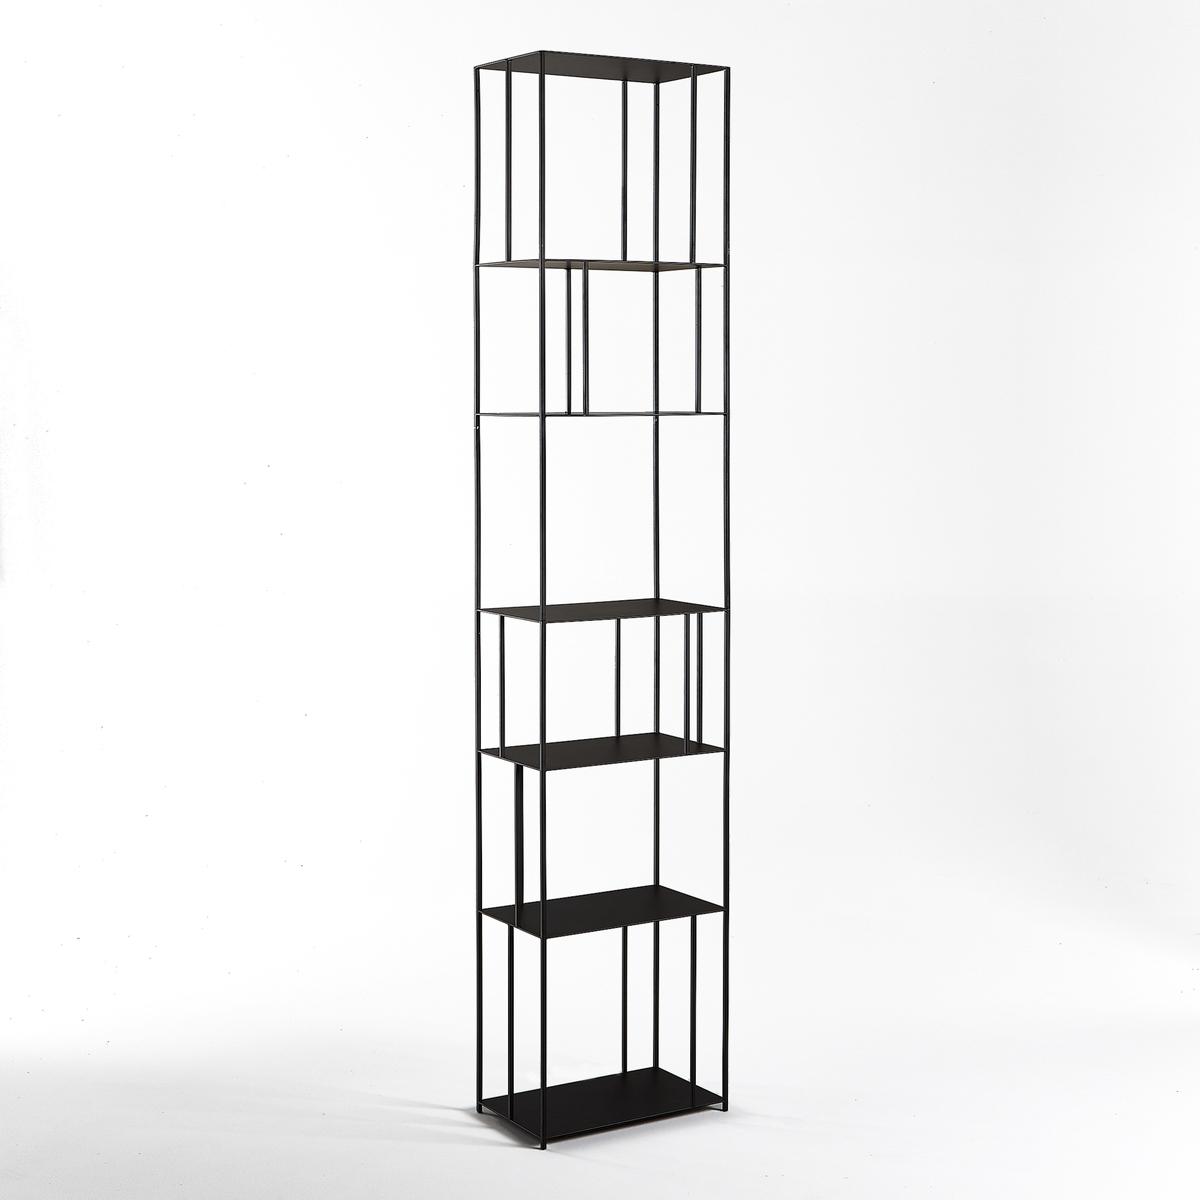 Стеллаж книжный из металла, В240 см, Parallel XL